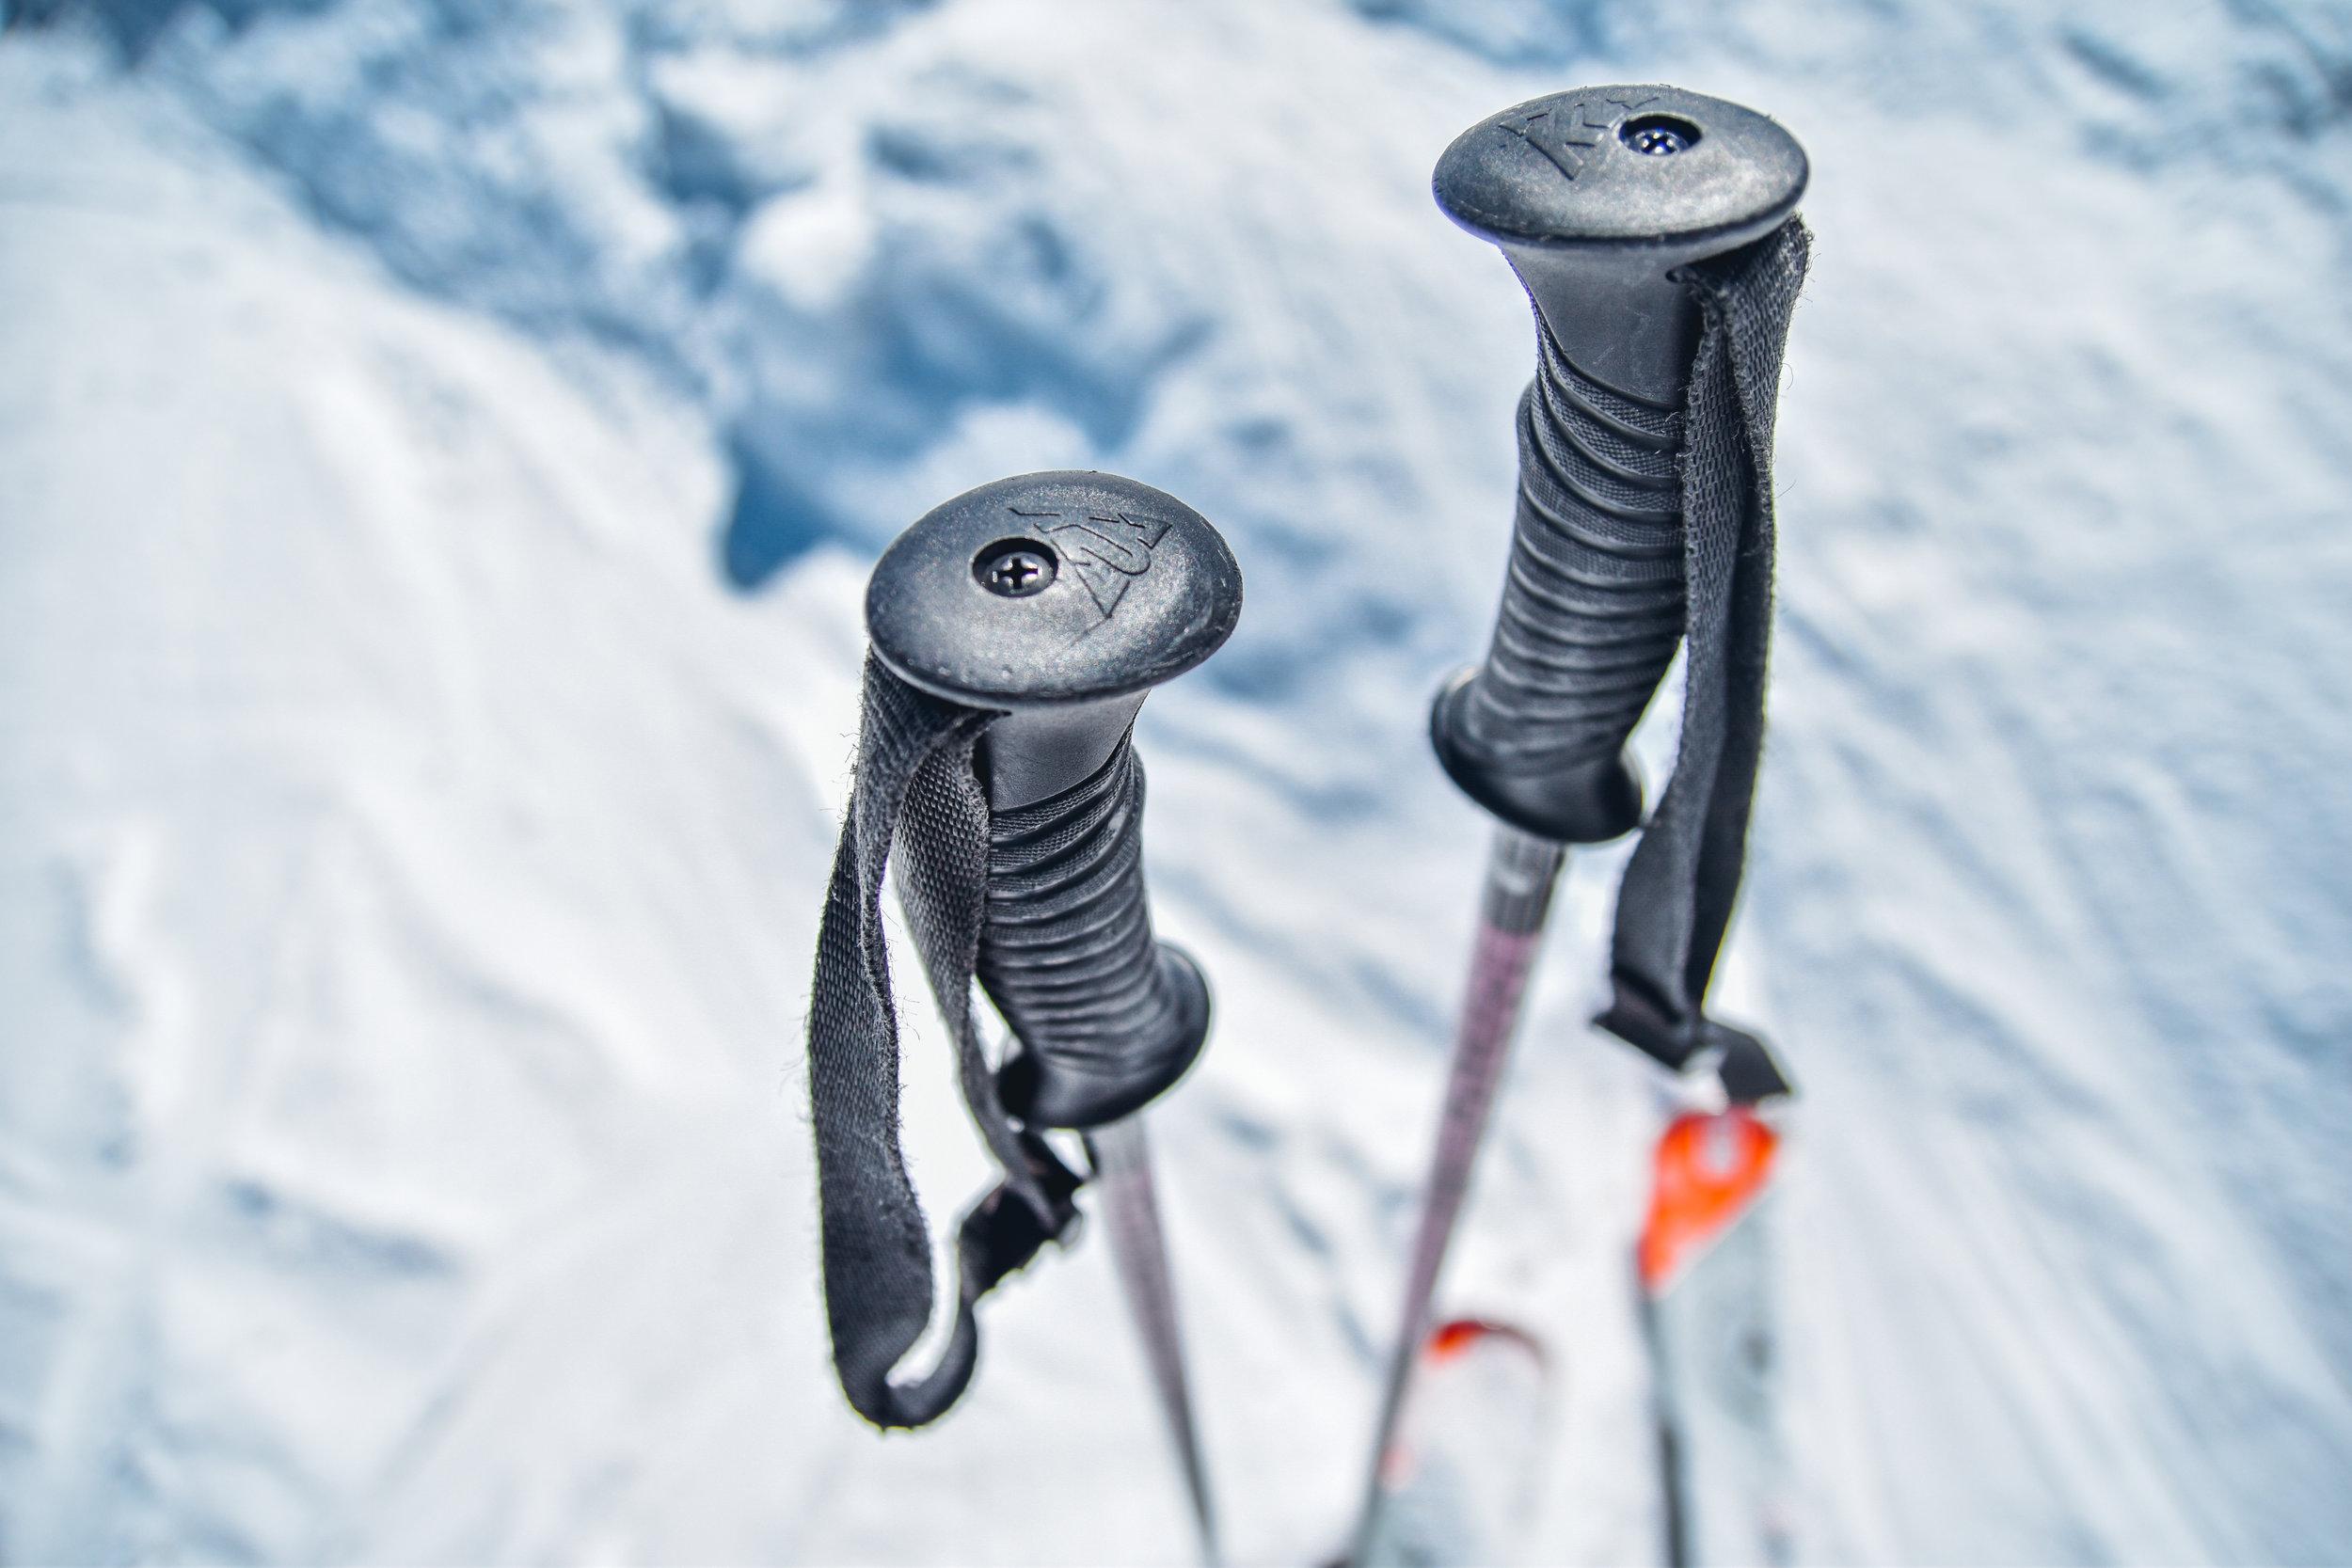 skis on the mountain